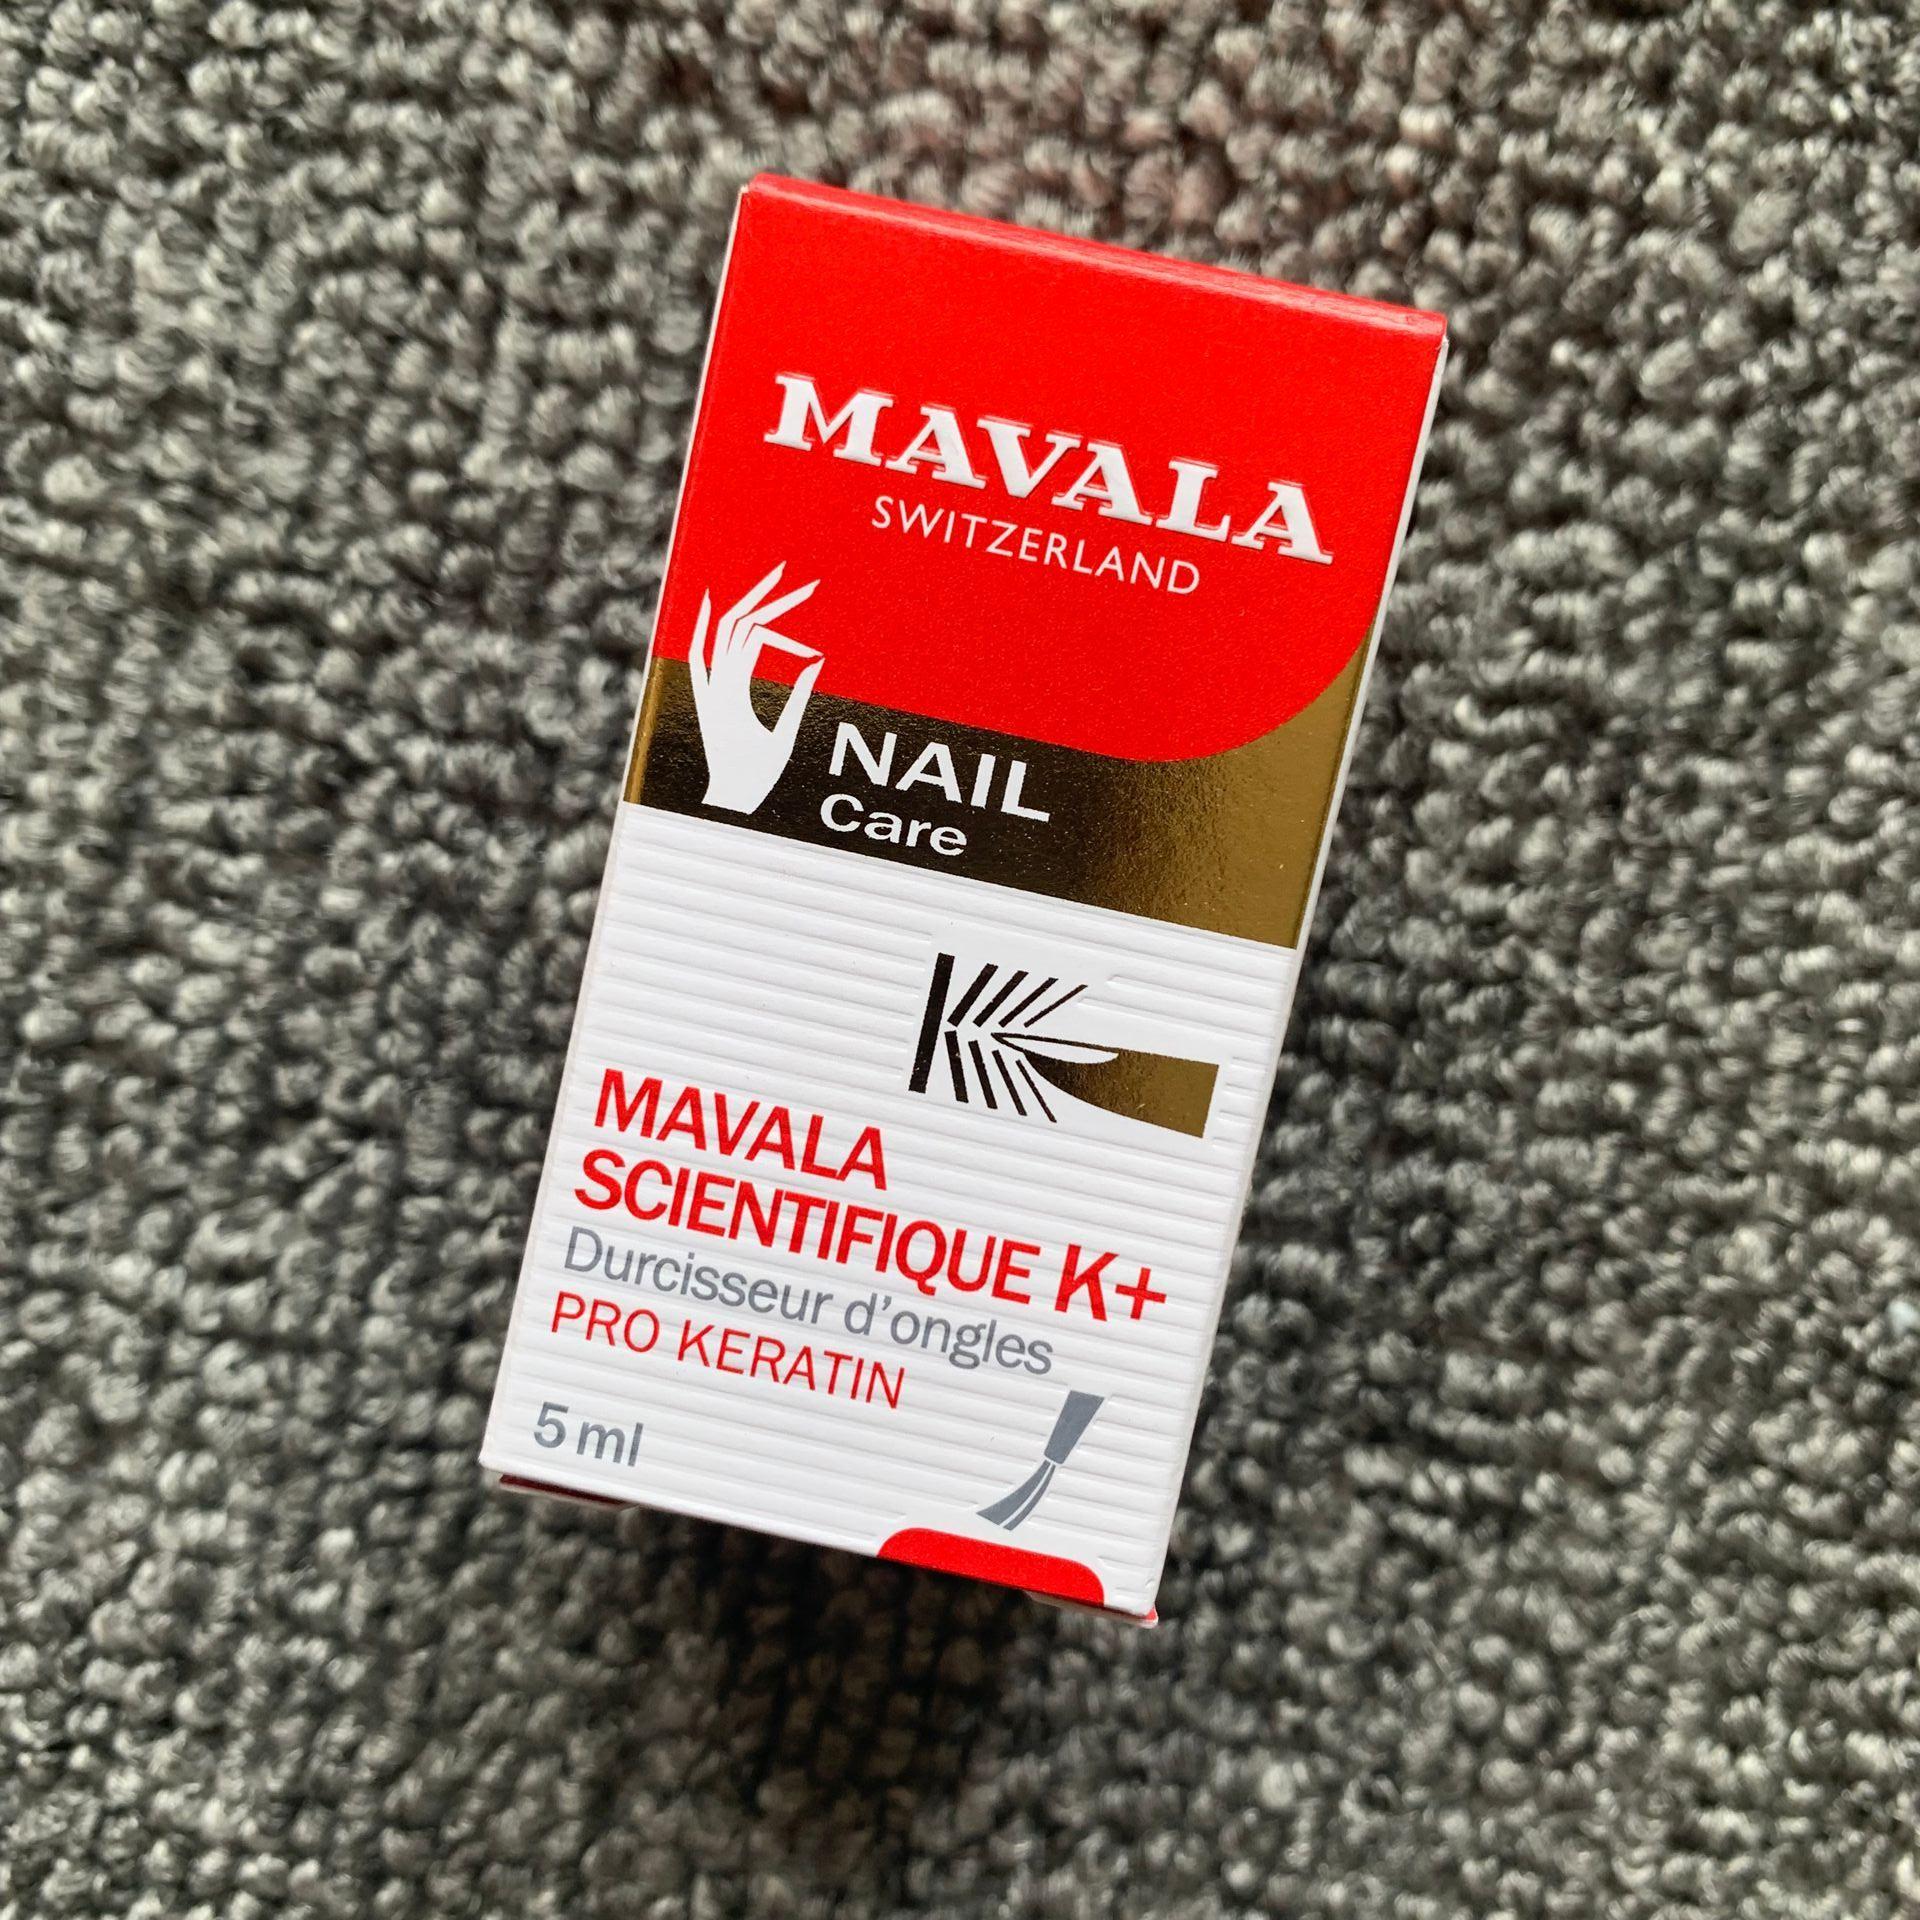 MAVALA-endurecedor de uñas ORIGINAL de 5ml, cienticoque suizo, penetrante